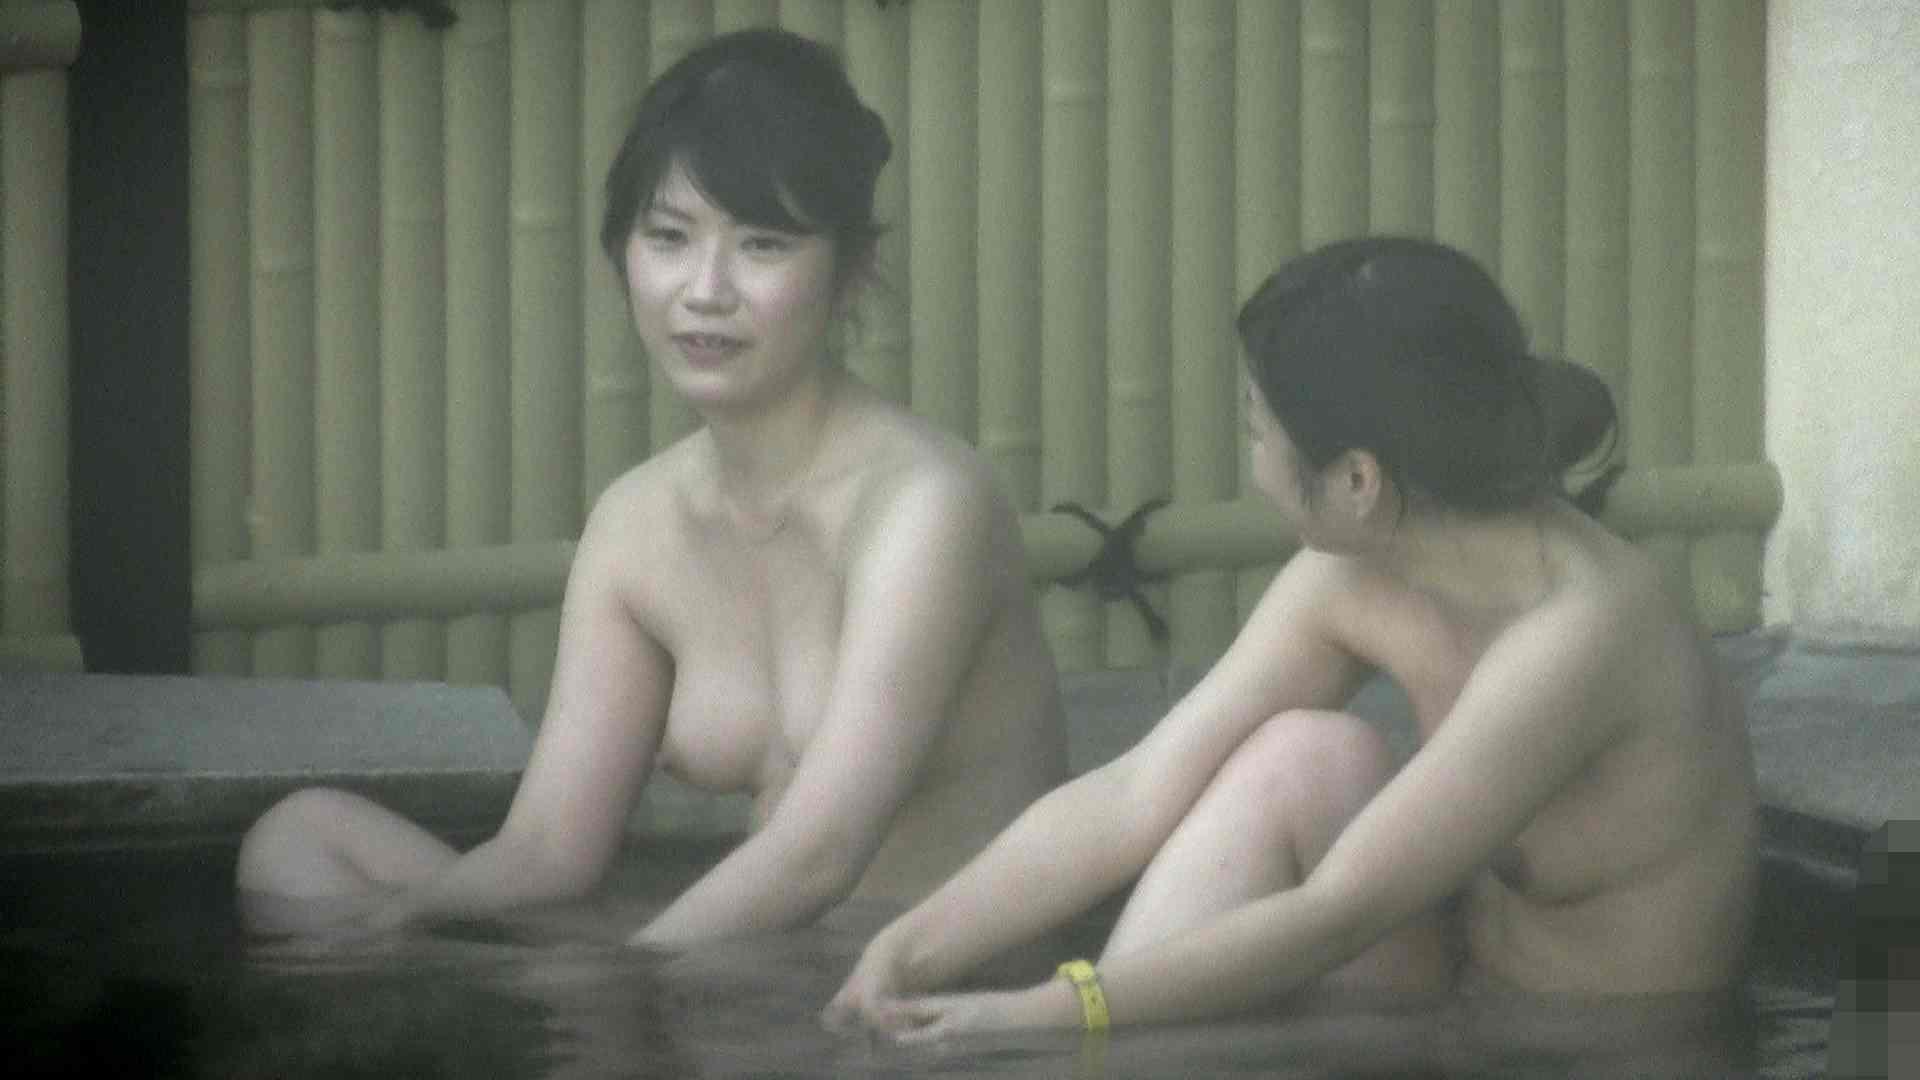 Aquaな露天風呂Vol.206 OLのエロ生活  87連発 87